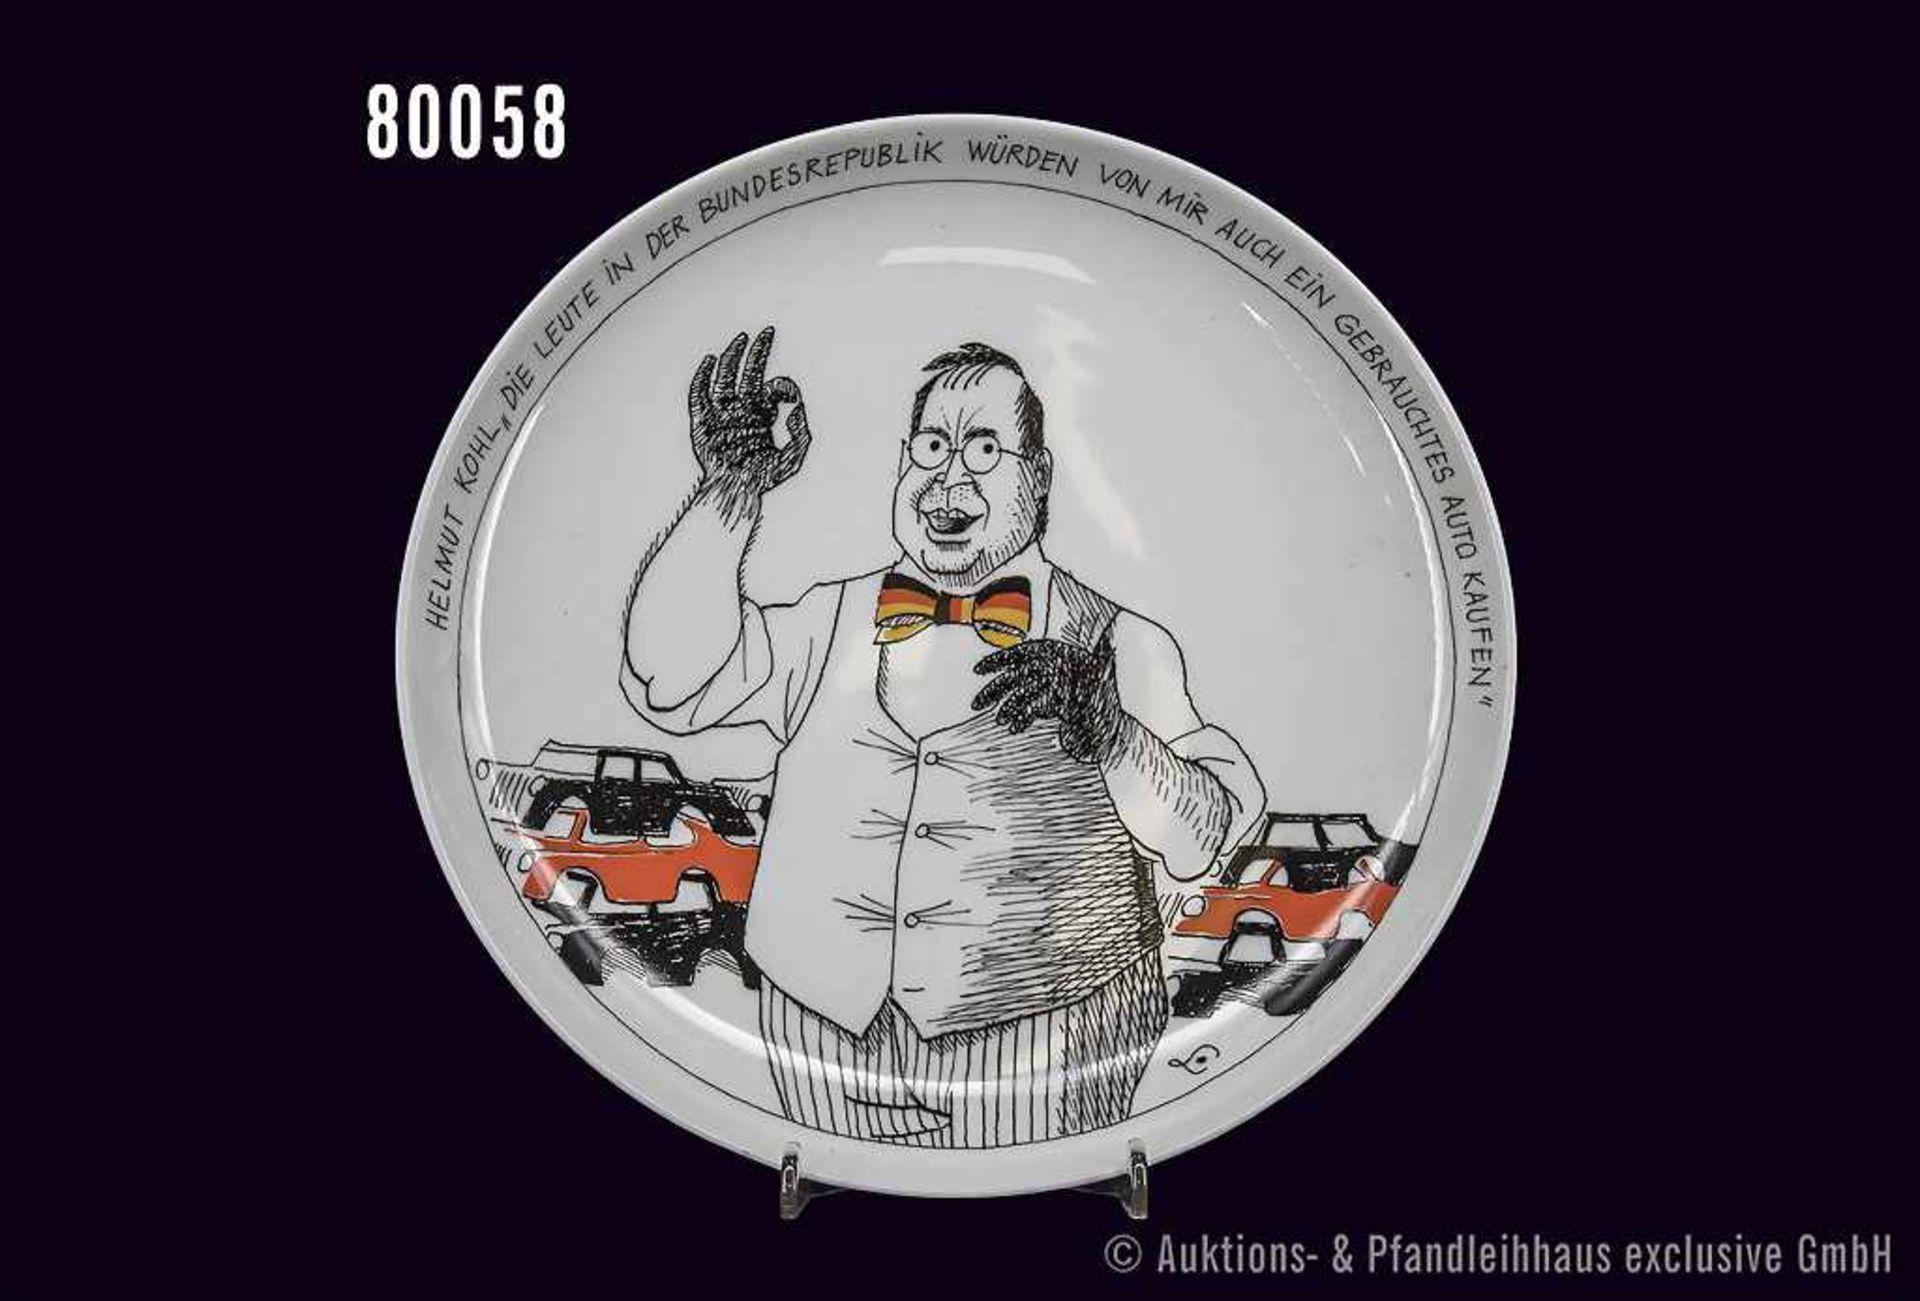 """Rosenthal Porzellan, Satireteller Nr. 7, Persönlichkeit Helmut Kohl """"Die Leute in der Bundesrepublik"""